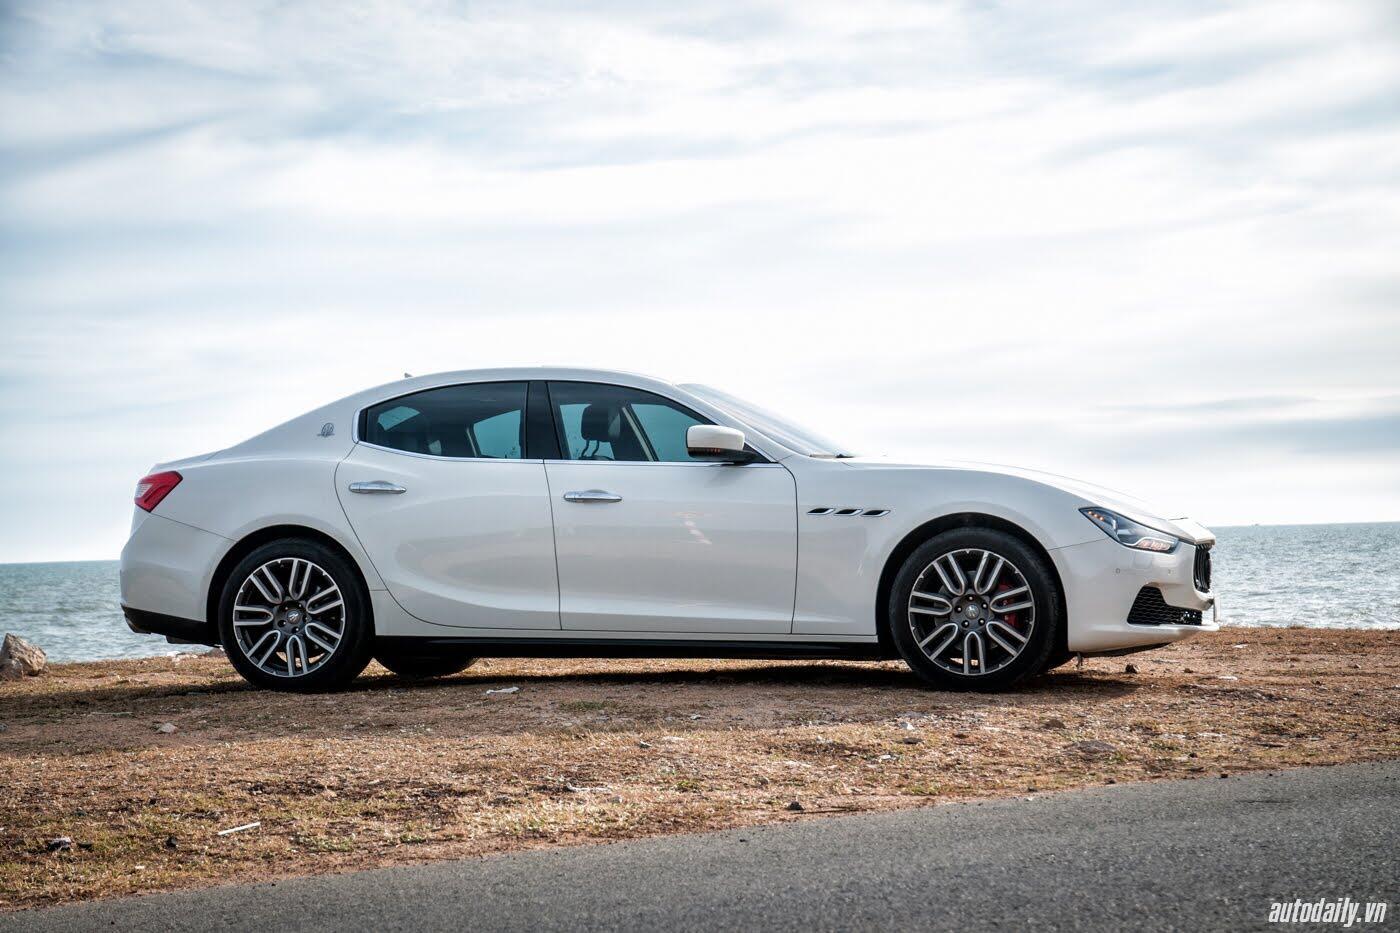 Lái thử Maserati Ghibli - Một trải nghiệm khác về tốc độ - Hình 3